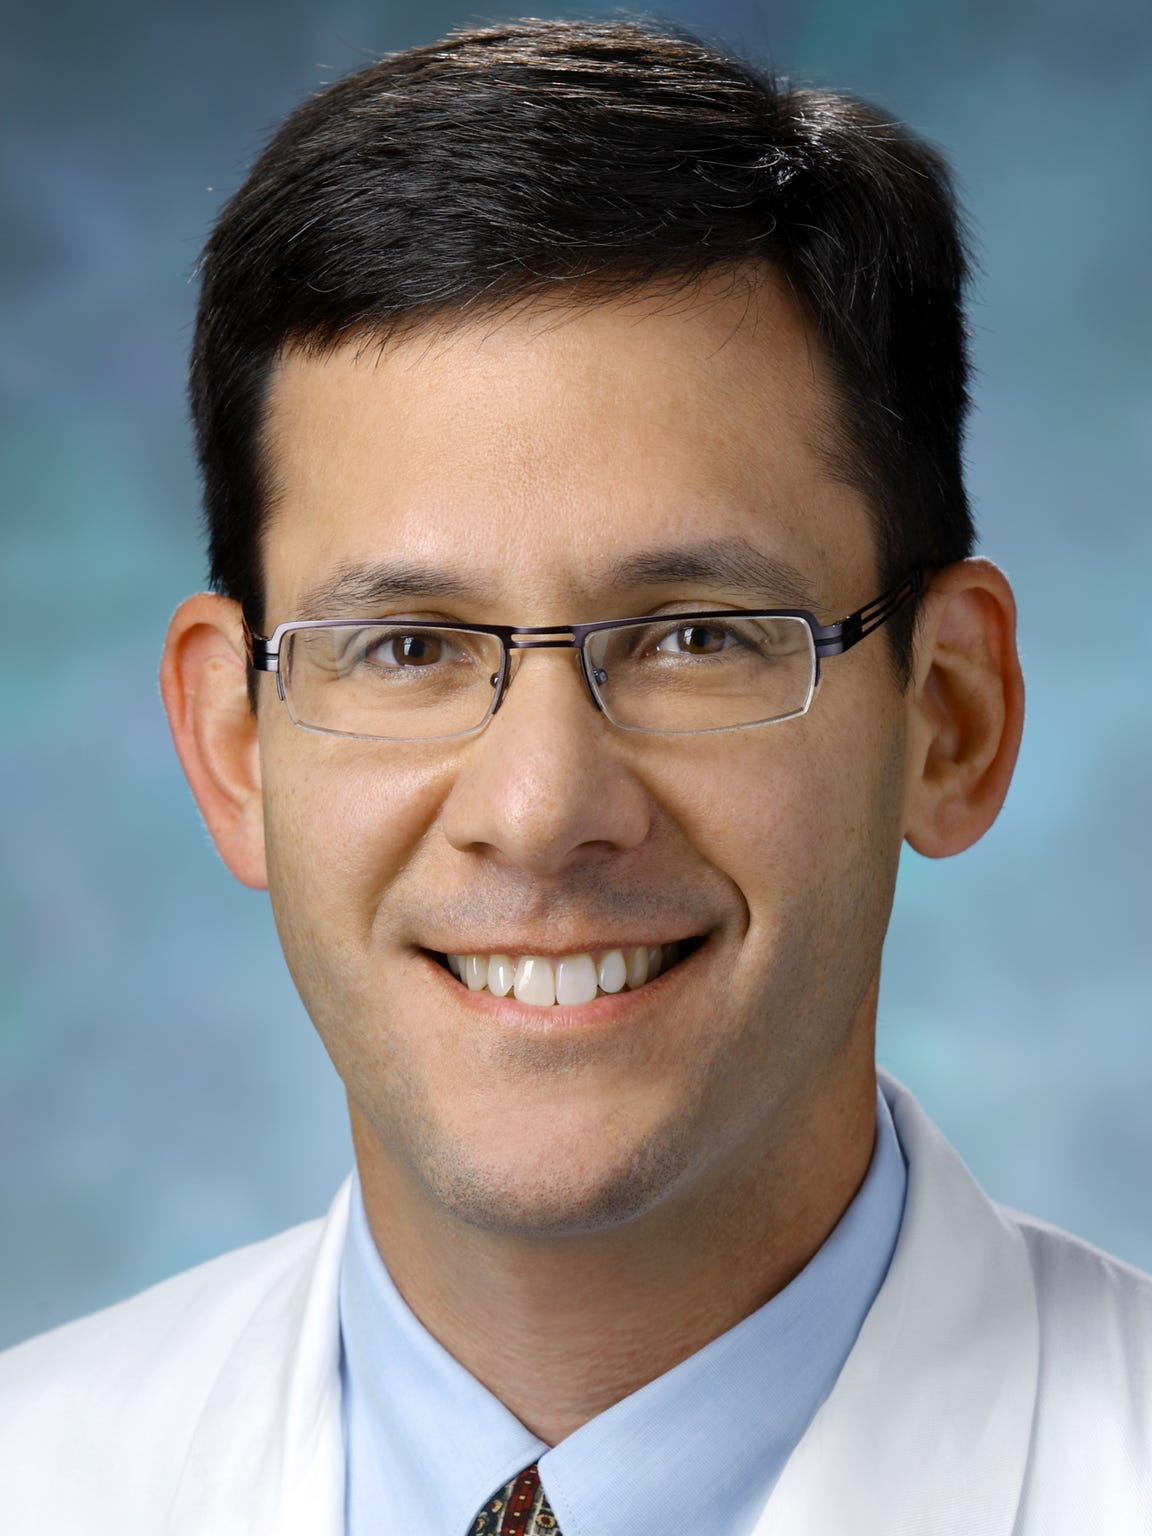 Dr. Adam Hartman